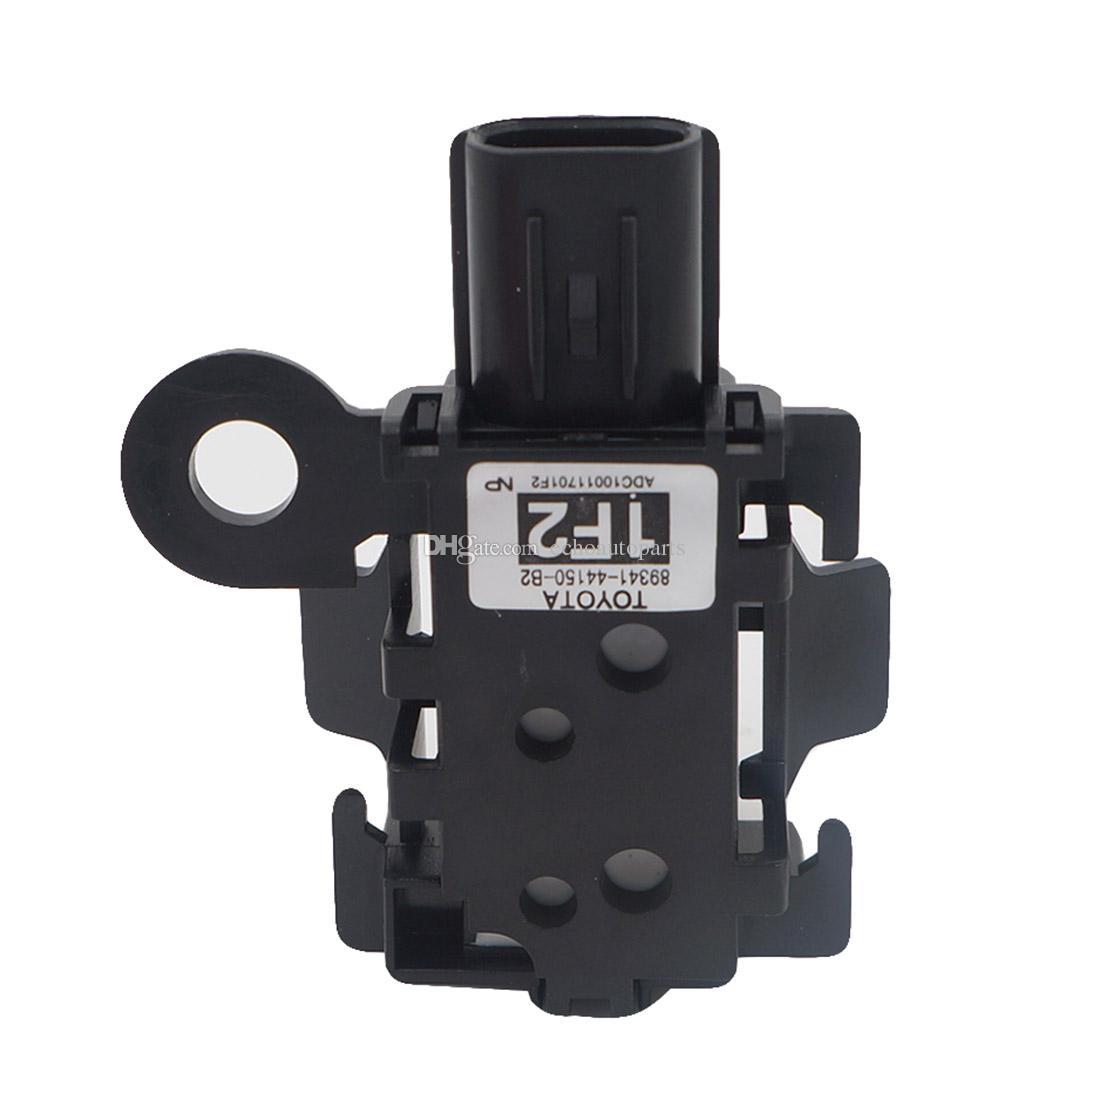 Hochwertige Auto-Stoßstange Parken-Radar-Sensor PDC 89341-44150-B2 Für Toyota Lexus GS300 GS350 GS430 GS450H GRS190 89341-44150 sensor